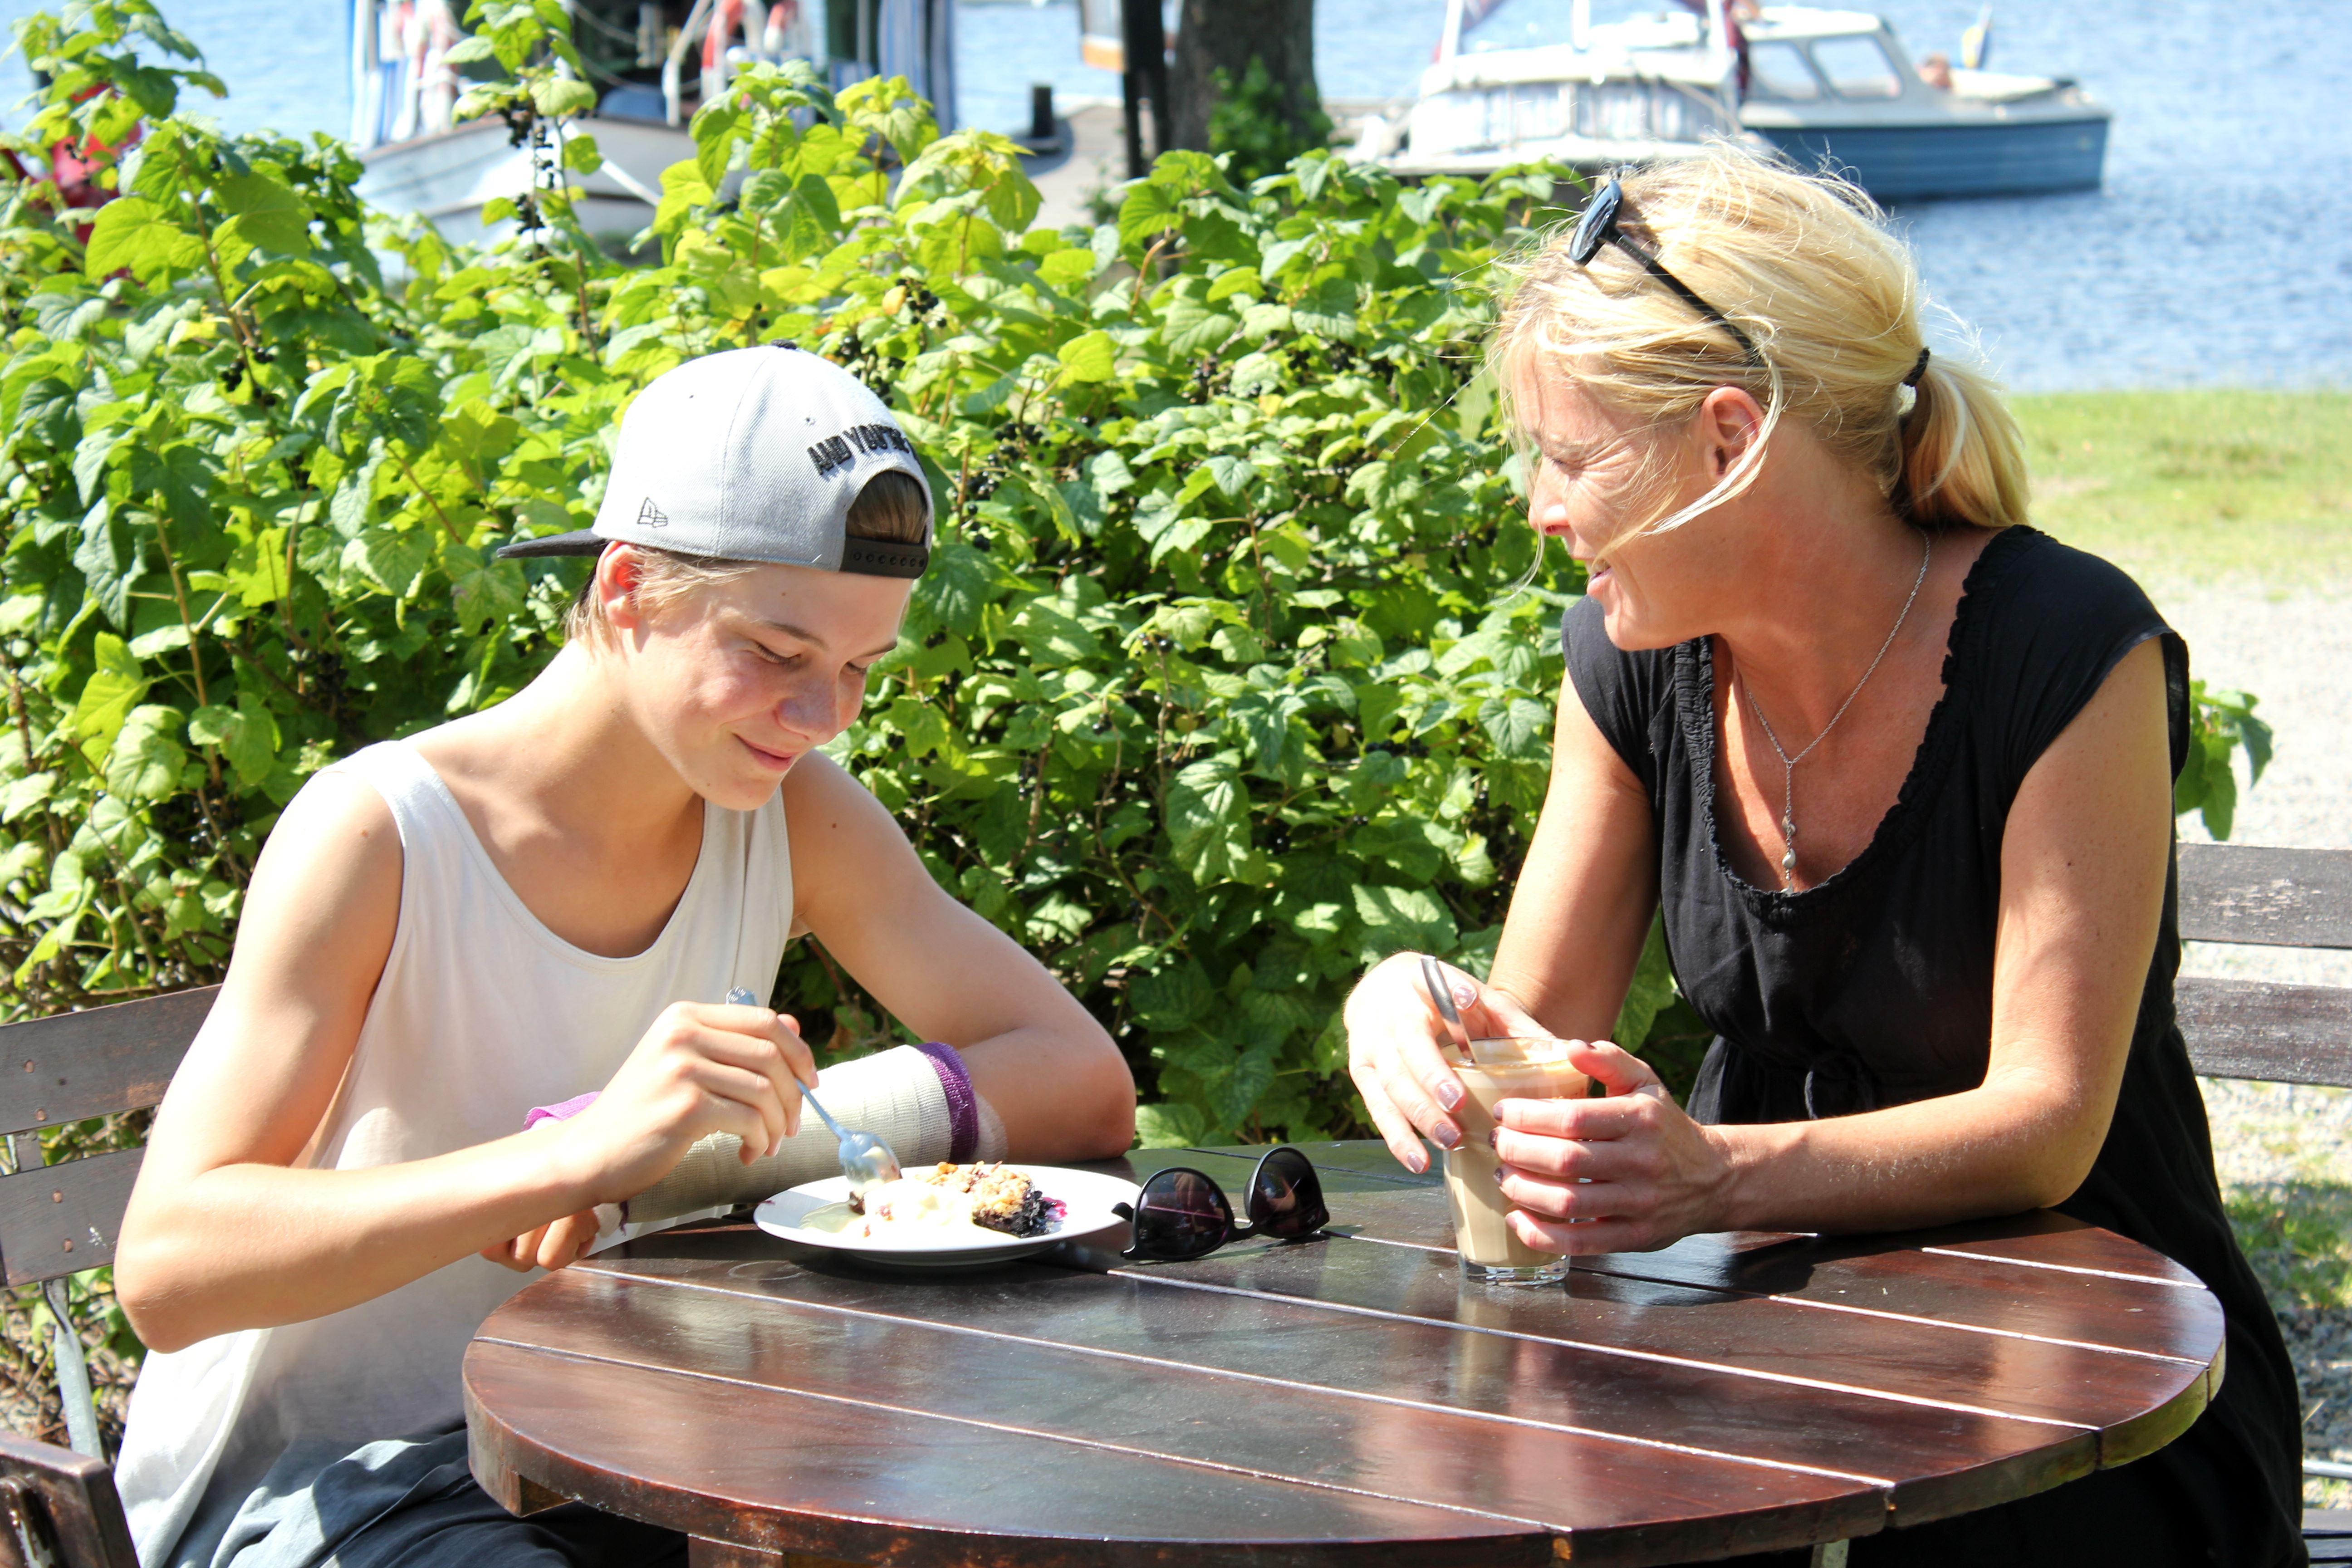 Ryttmästaregården Café & Restaurant